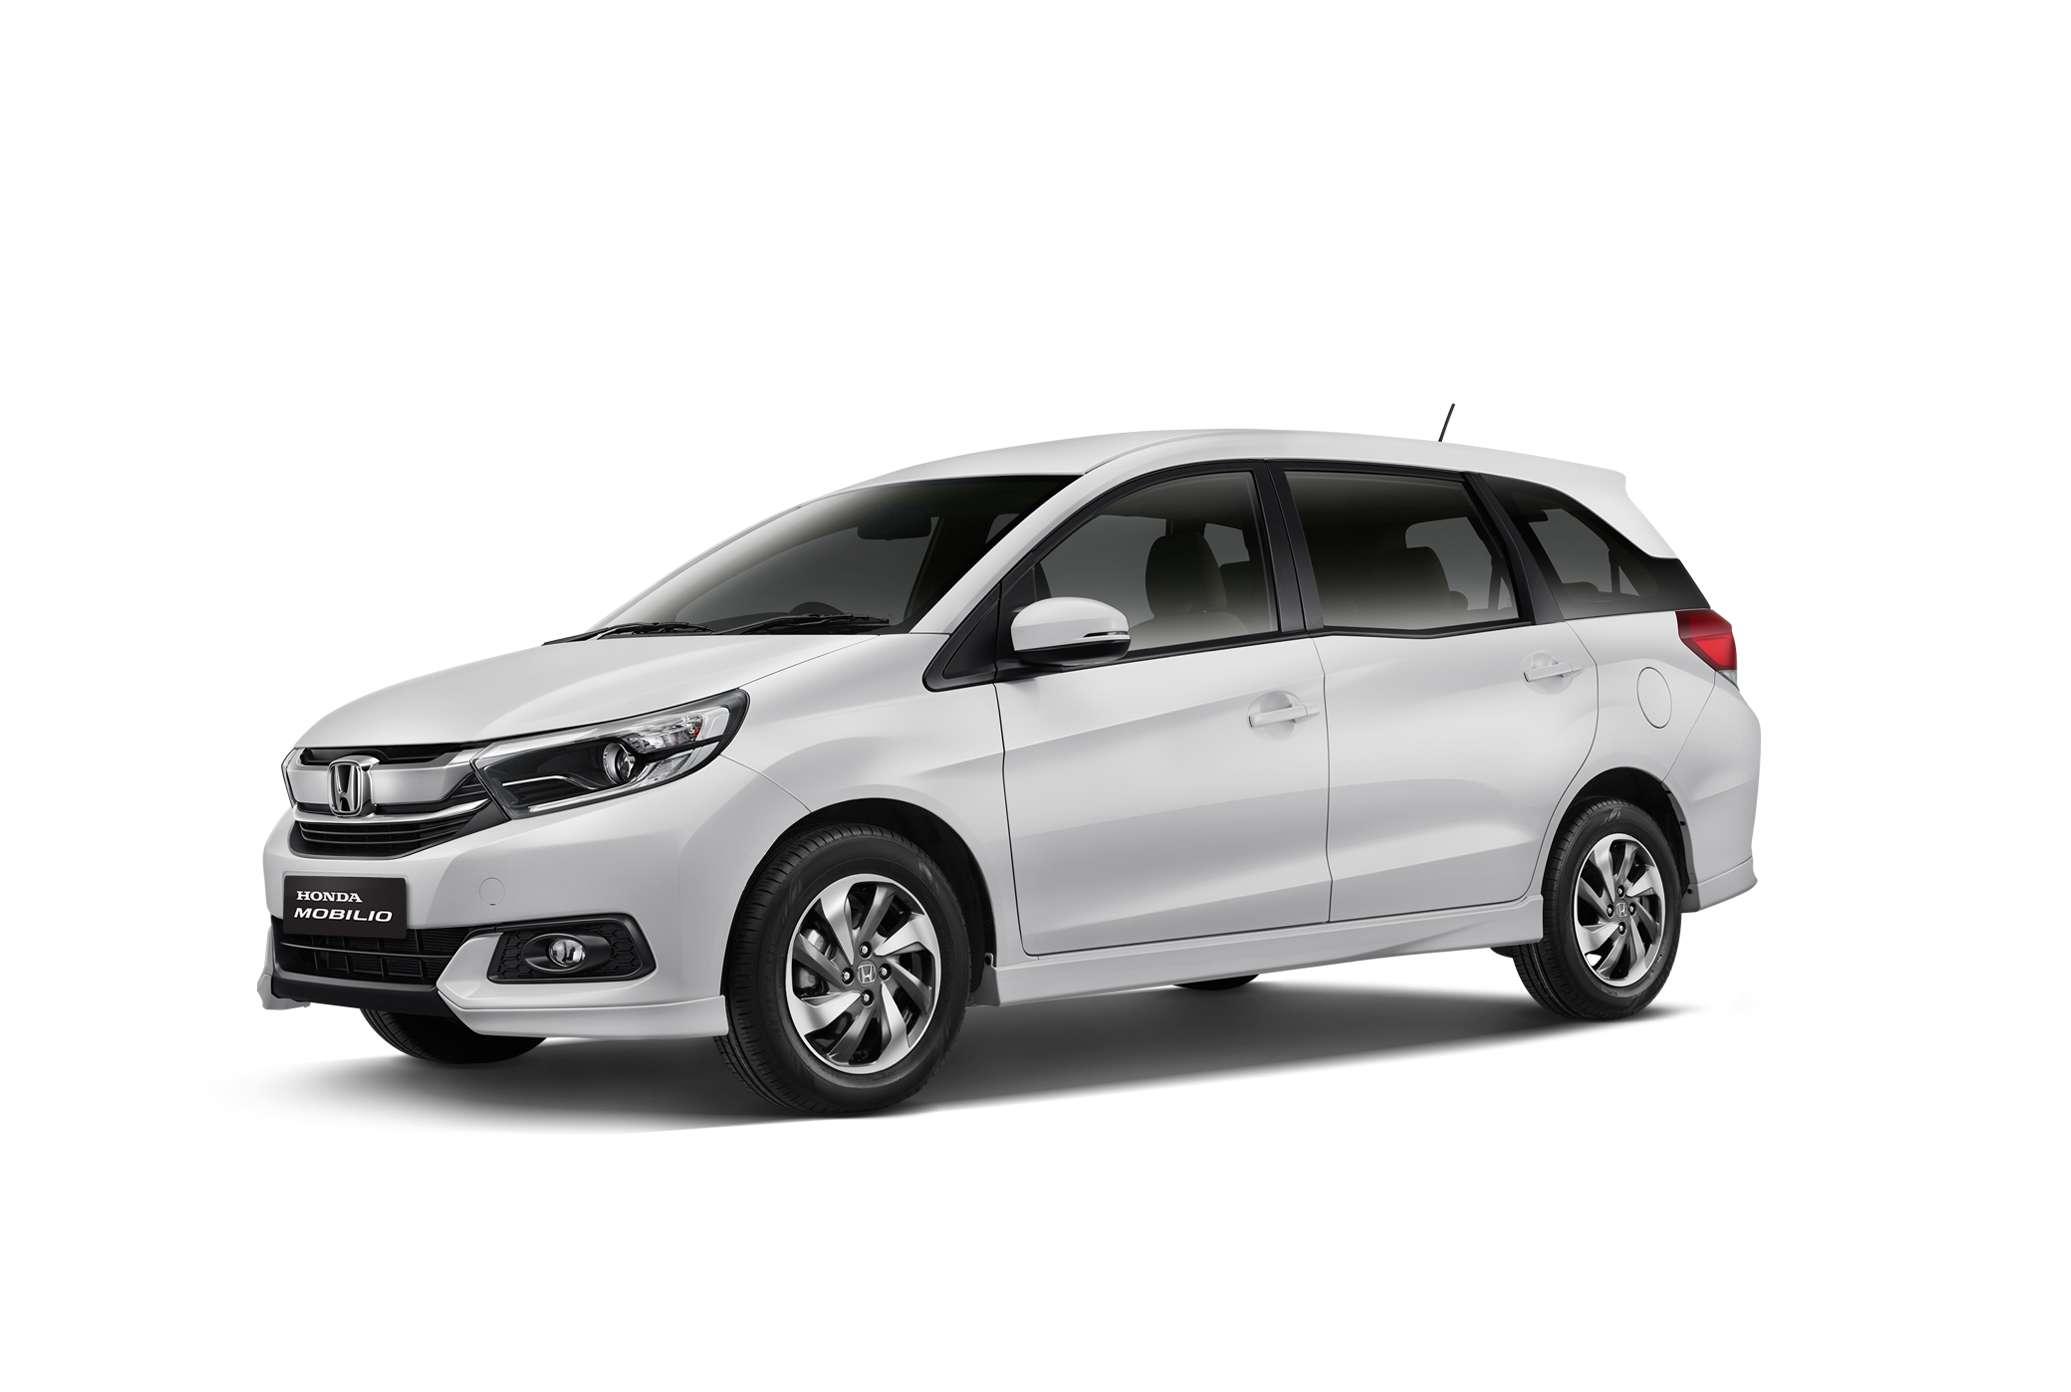 Kelebihan Honda Mobilio Harga Tangguh